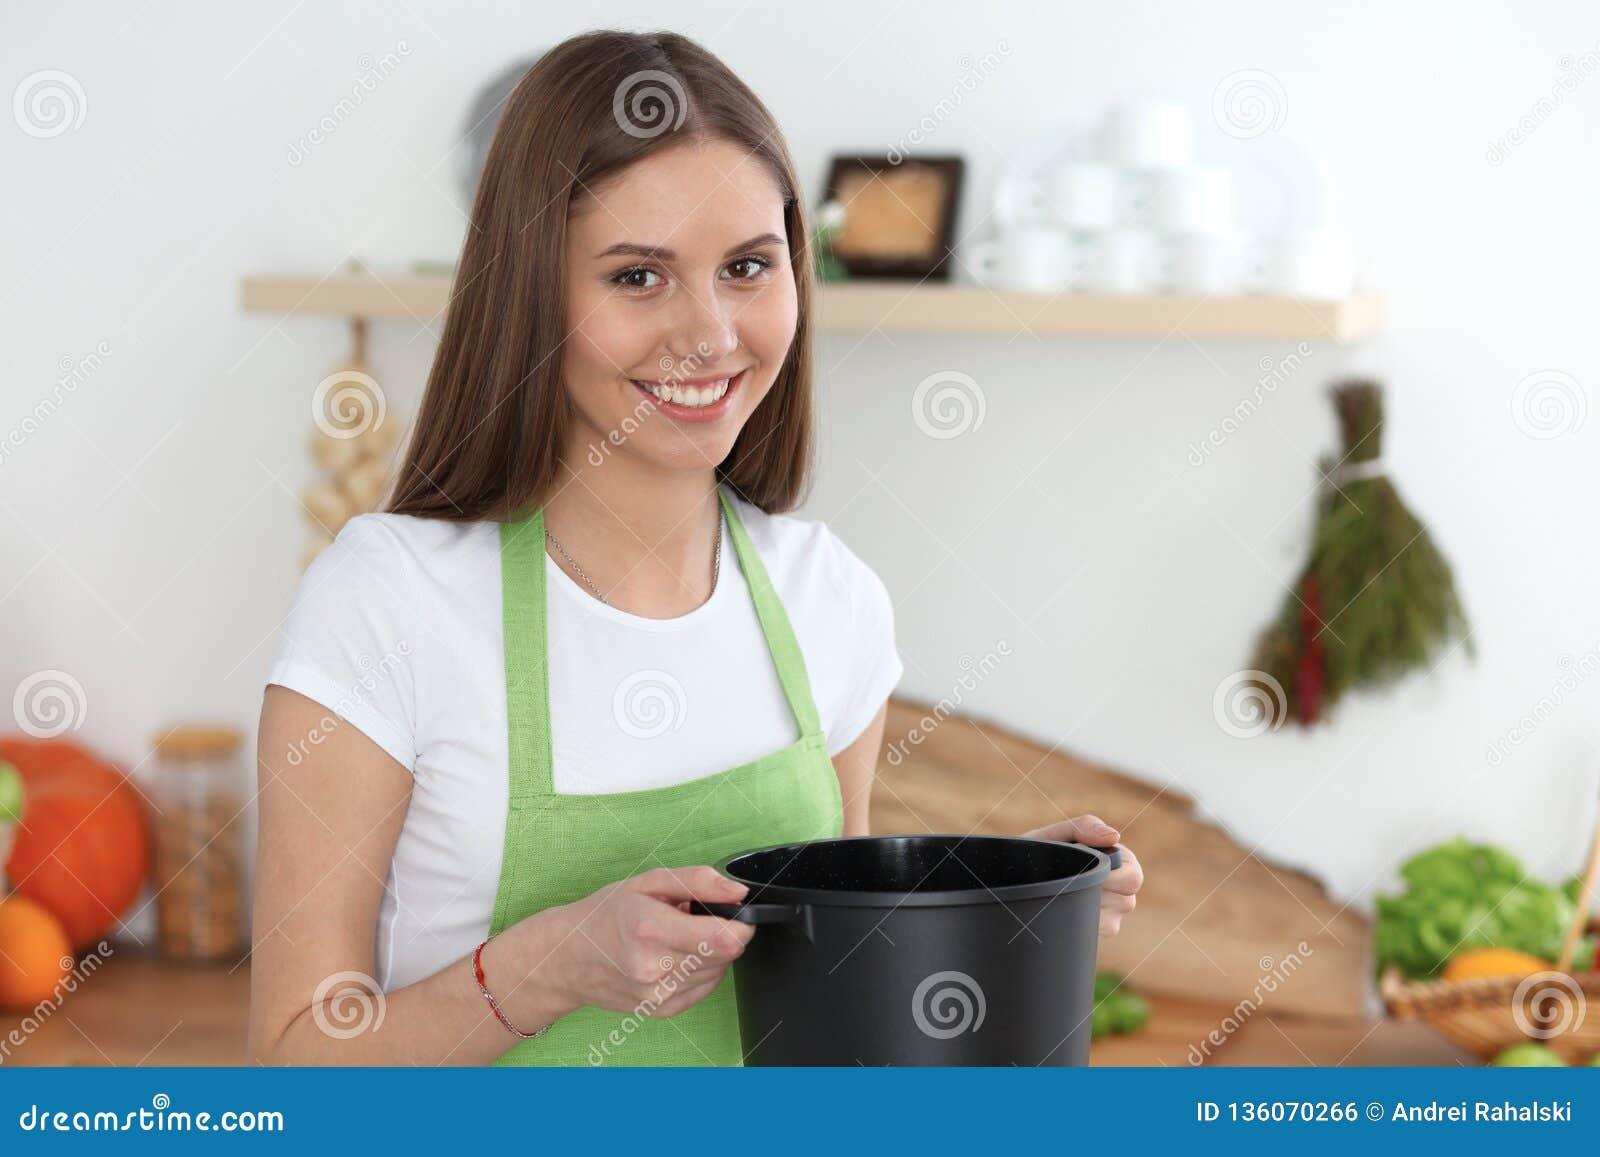 Młodej szczęśliwej kobiety kulinarna polewka w kuchni Zdrowy posiłek, styl życia i kulinarny pojęcie, uśmiechnięty dziewczyna ucz